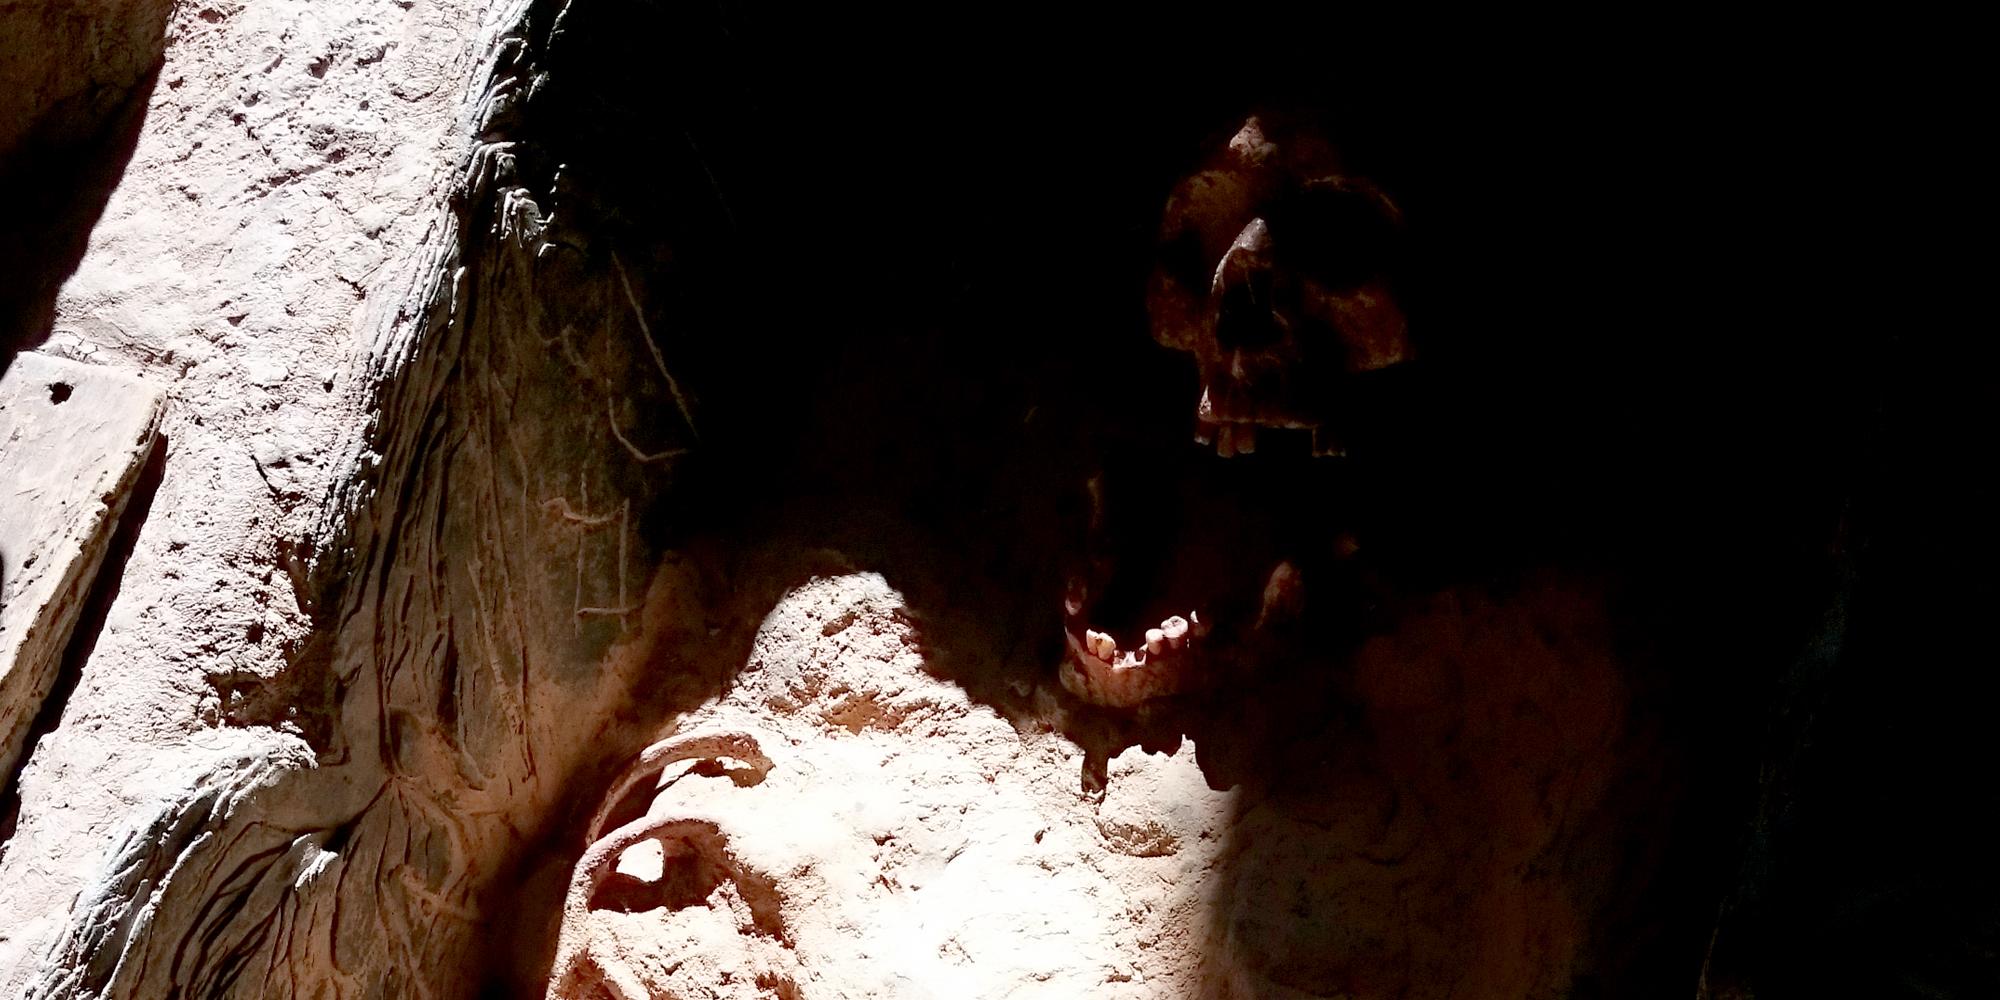 detail du décor de la tombe mérovingienne fac simile sans la terre qui la recouvre